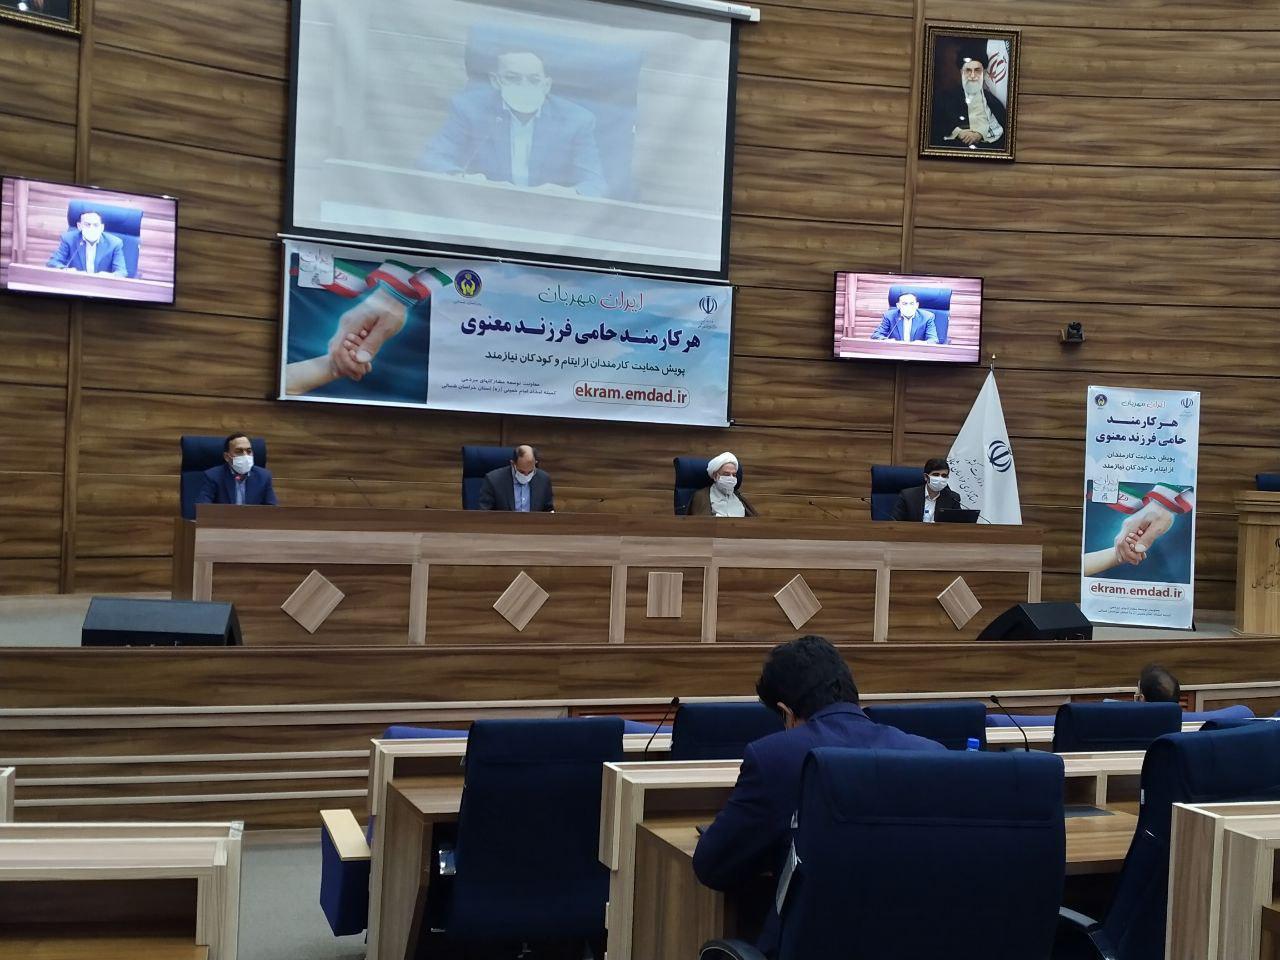 سهم مشارکت کارمندان خراسان شمالی در پویش ایران مهربان ۶۵۰۰ نفر است